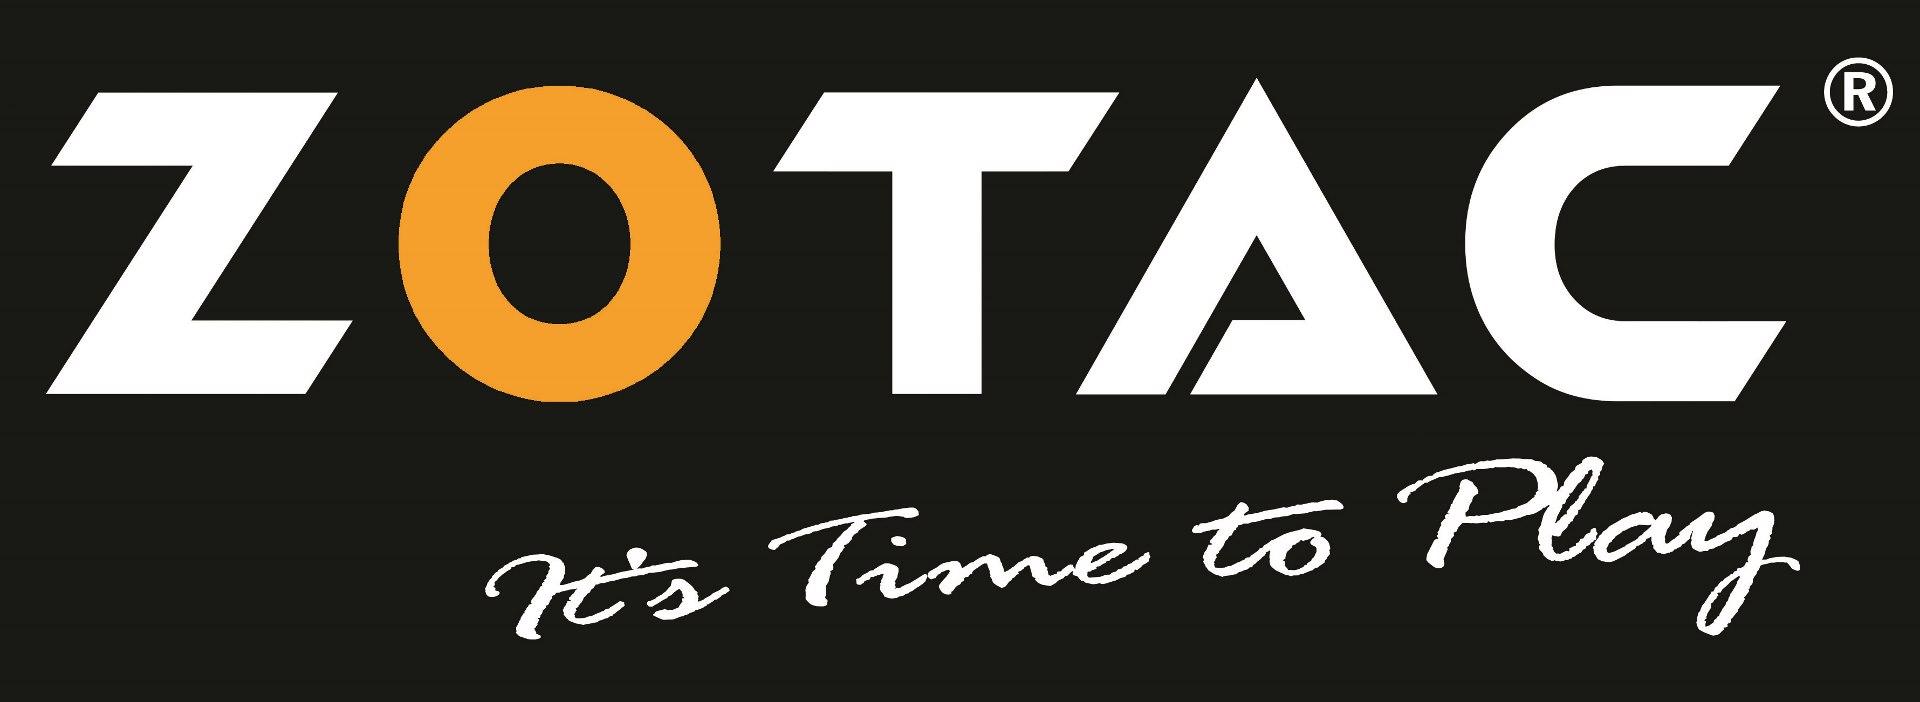 Zotac si supera: arriva lo ZBOX con RX480